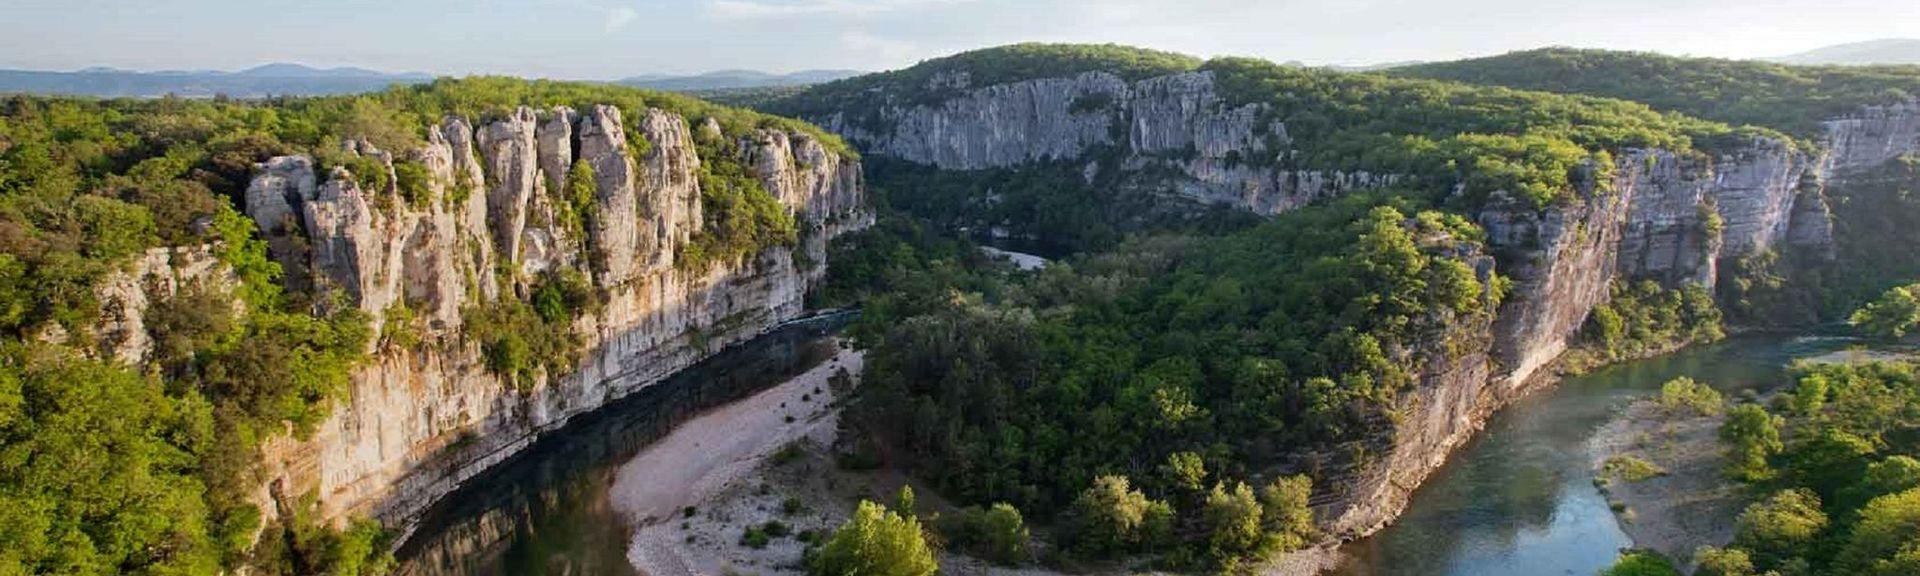 Vals-les-Bains, Ardèche Département, Frankreich